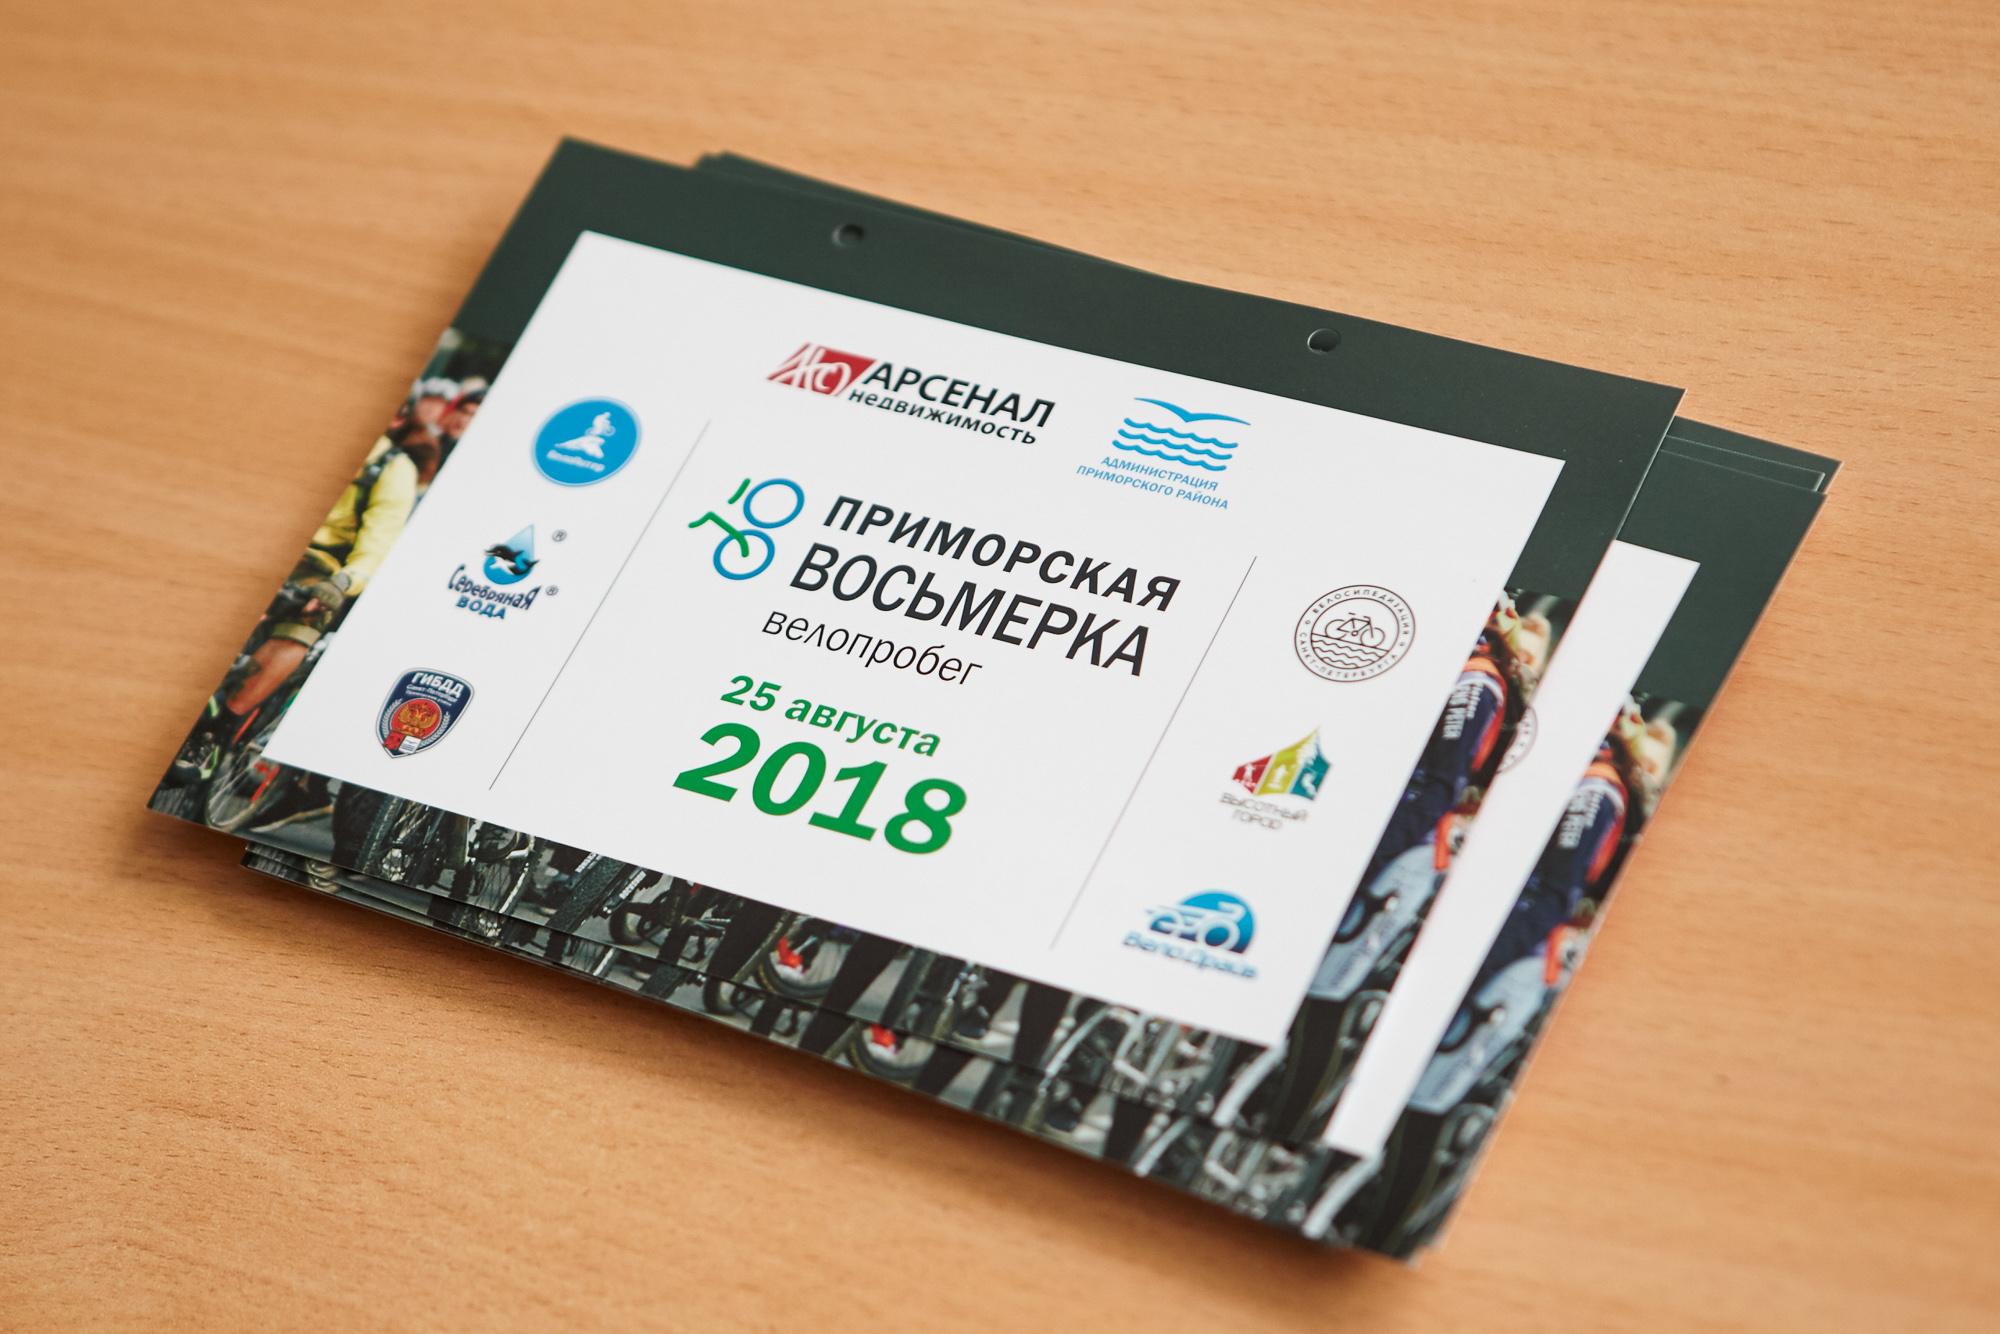 Приморская восьмерка 2018 (4 of 26)